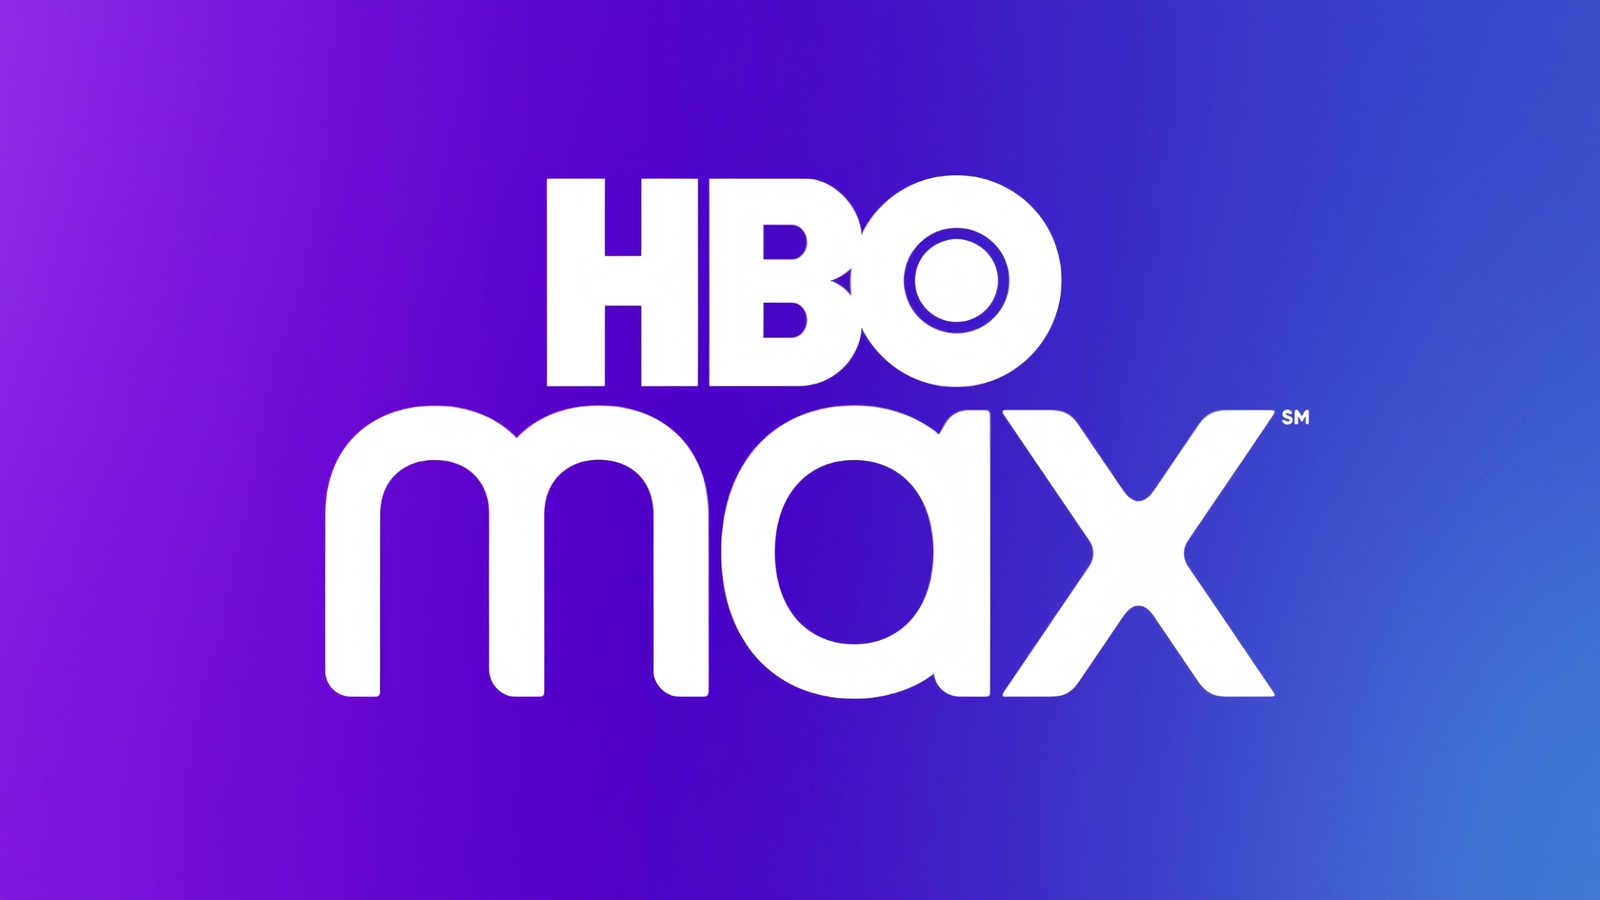 HBO Max míří na Apple TV a iOS zařízení